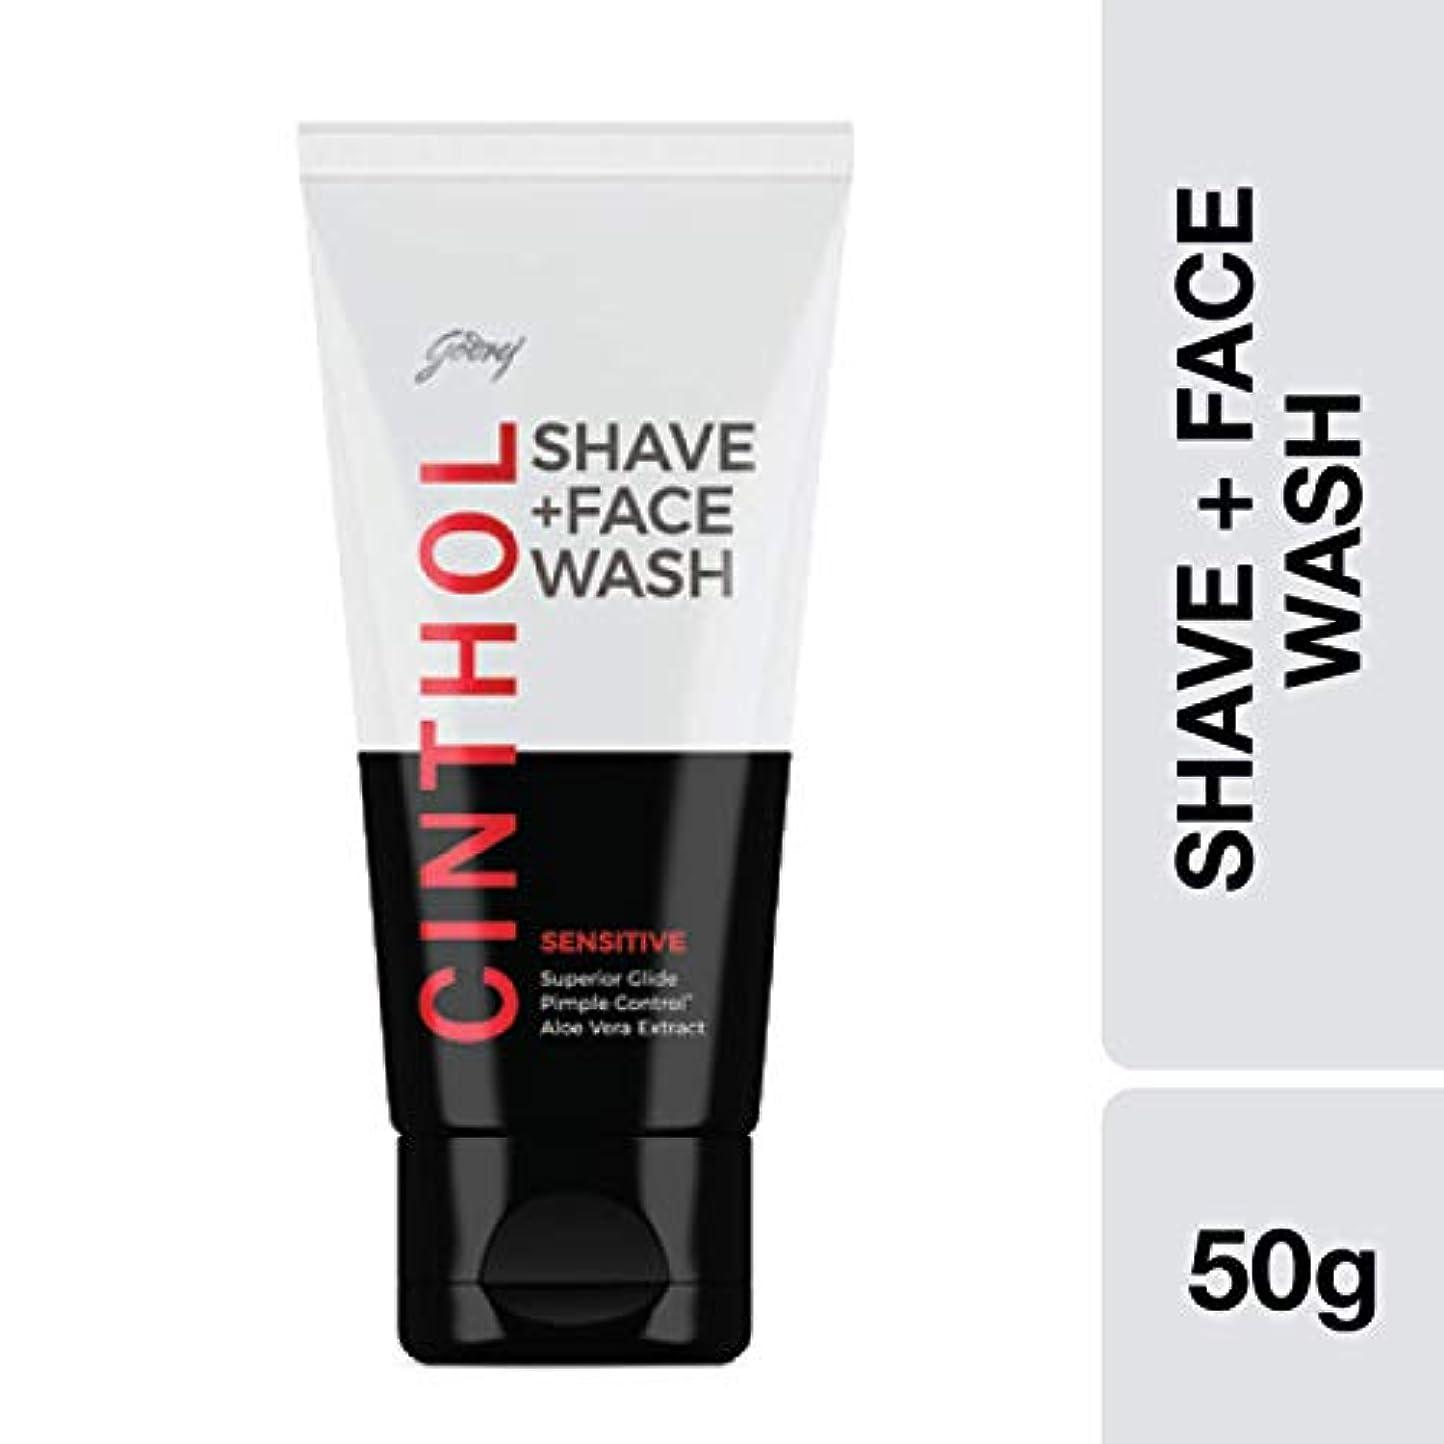 ばかアカデミックようこそCinthol Sensitive Shaving + Face Wash, 50g